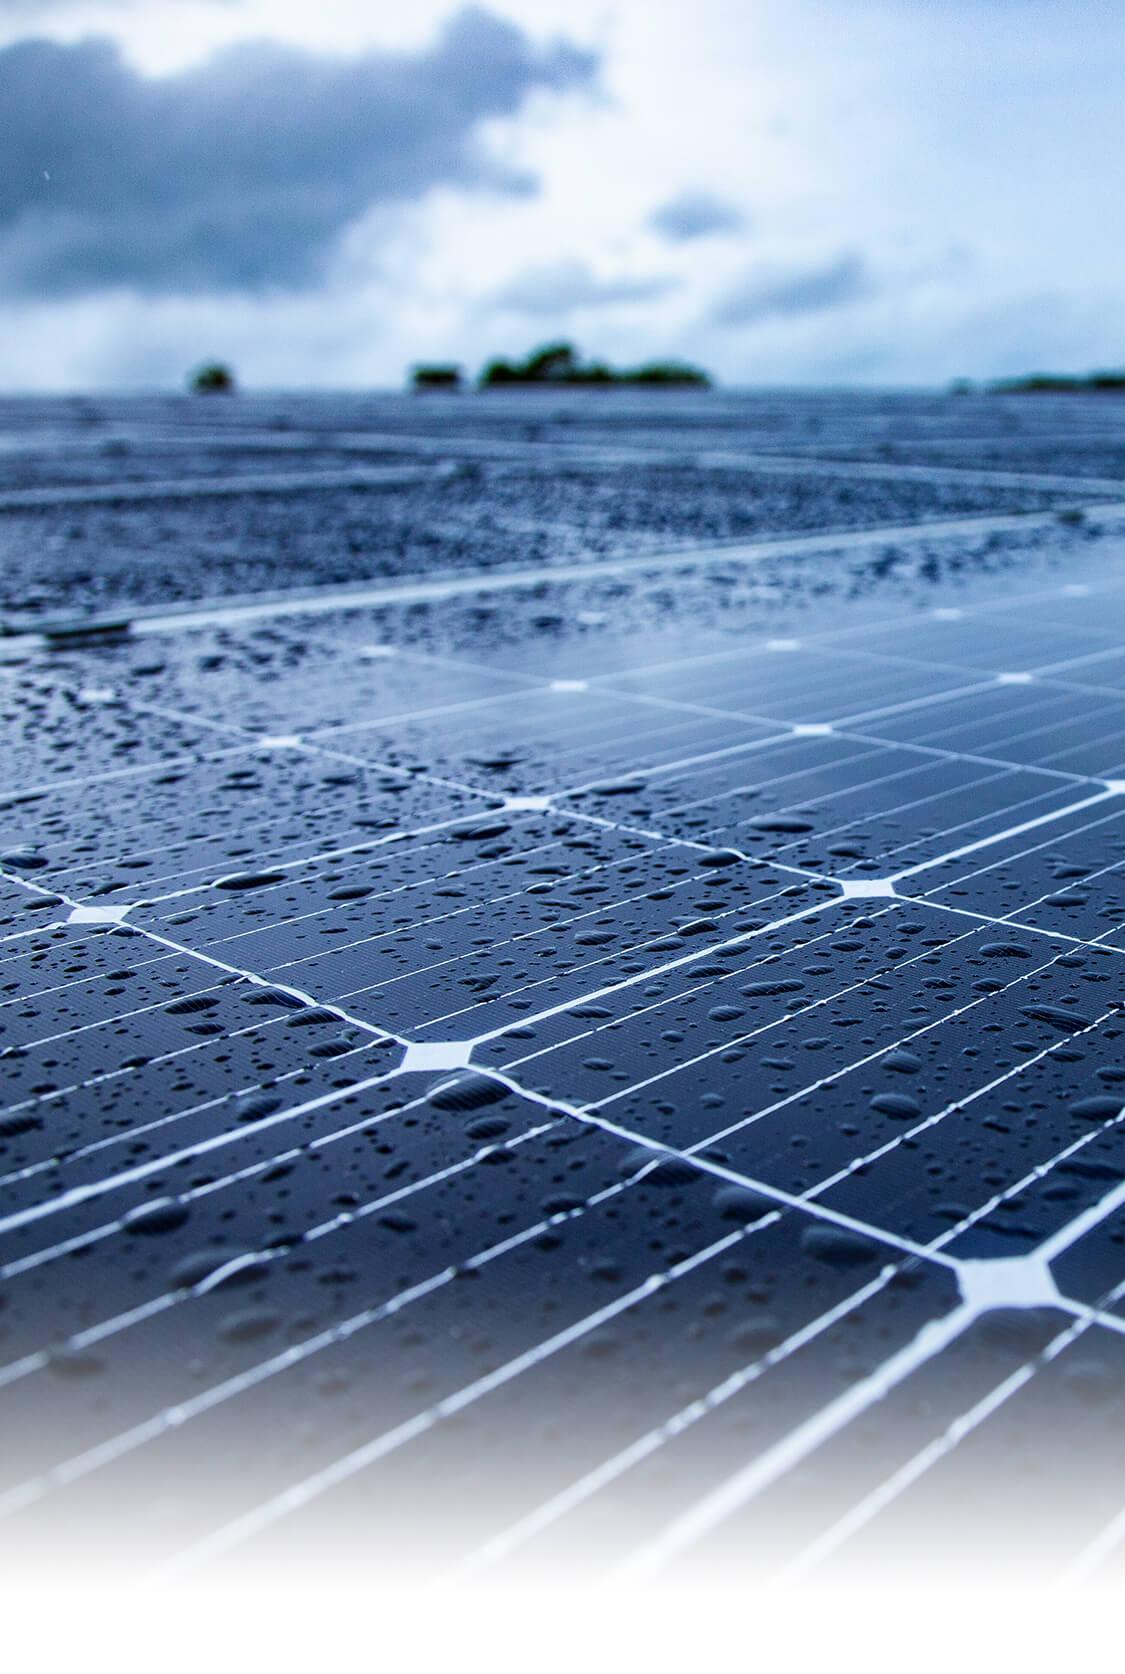 環境にやさしいクリーンなエネルギーで繋いでゆく。